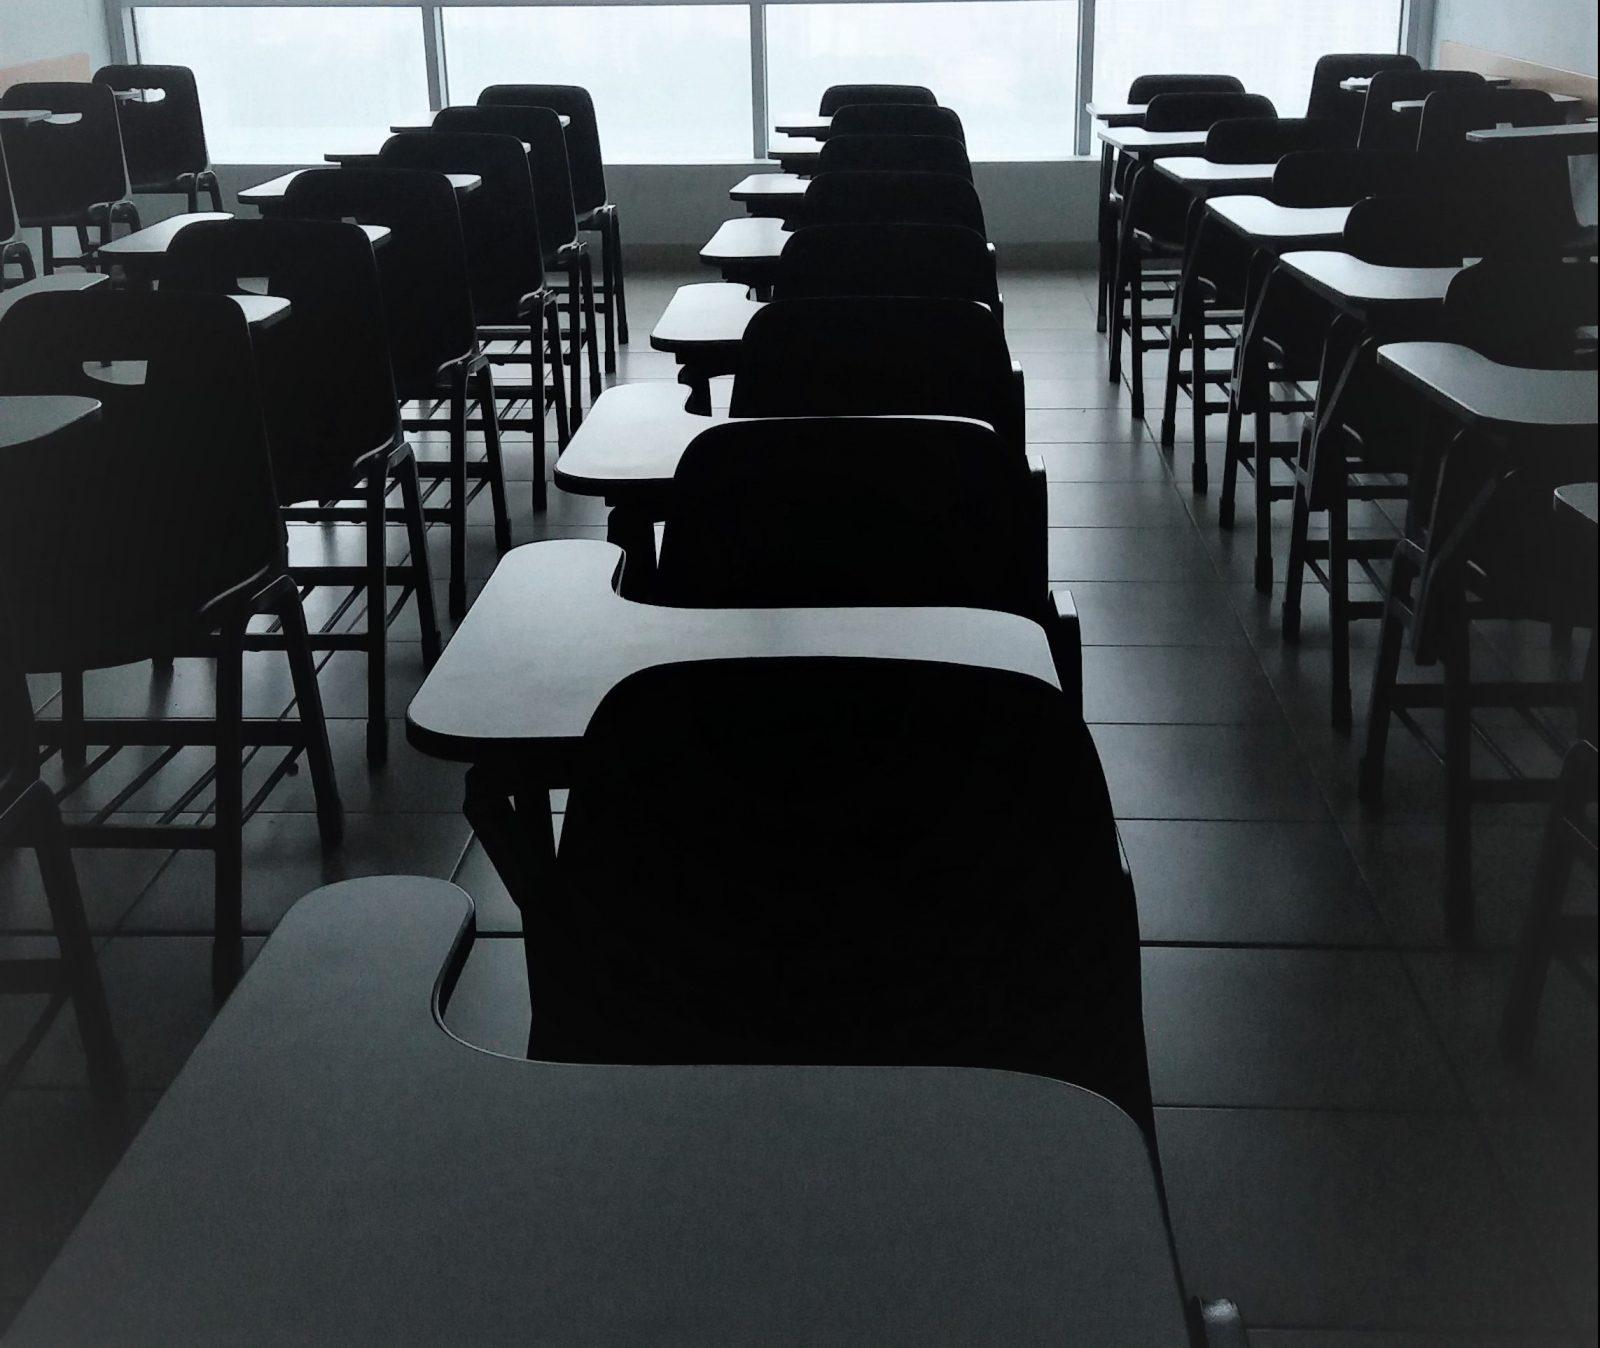 Un exercice de confinement barricadé pour les élèves et professeurs